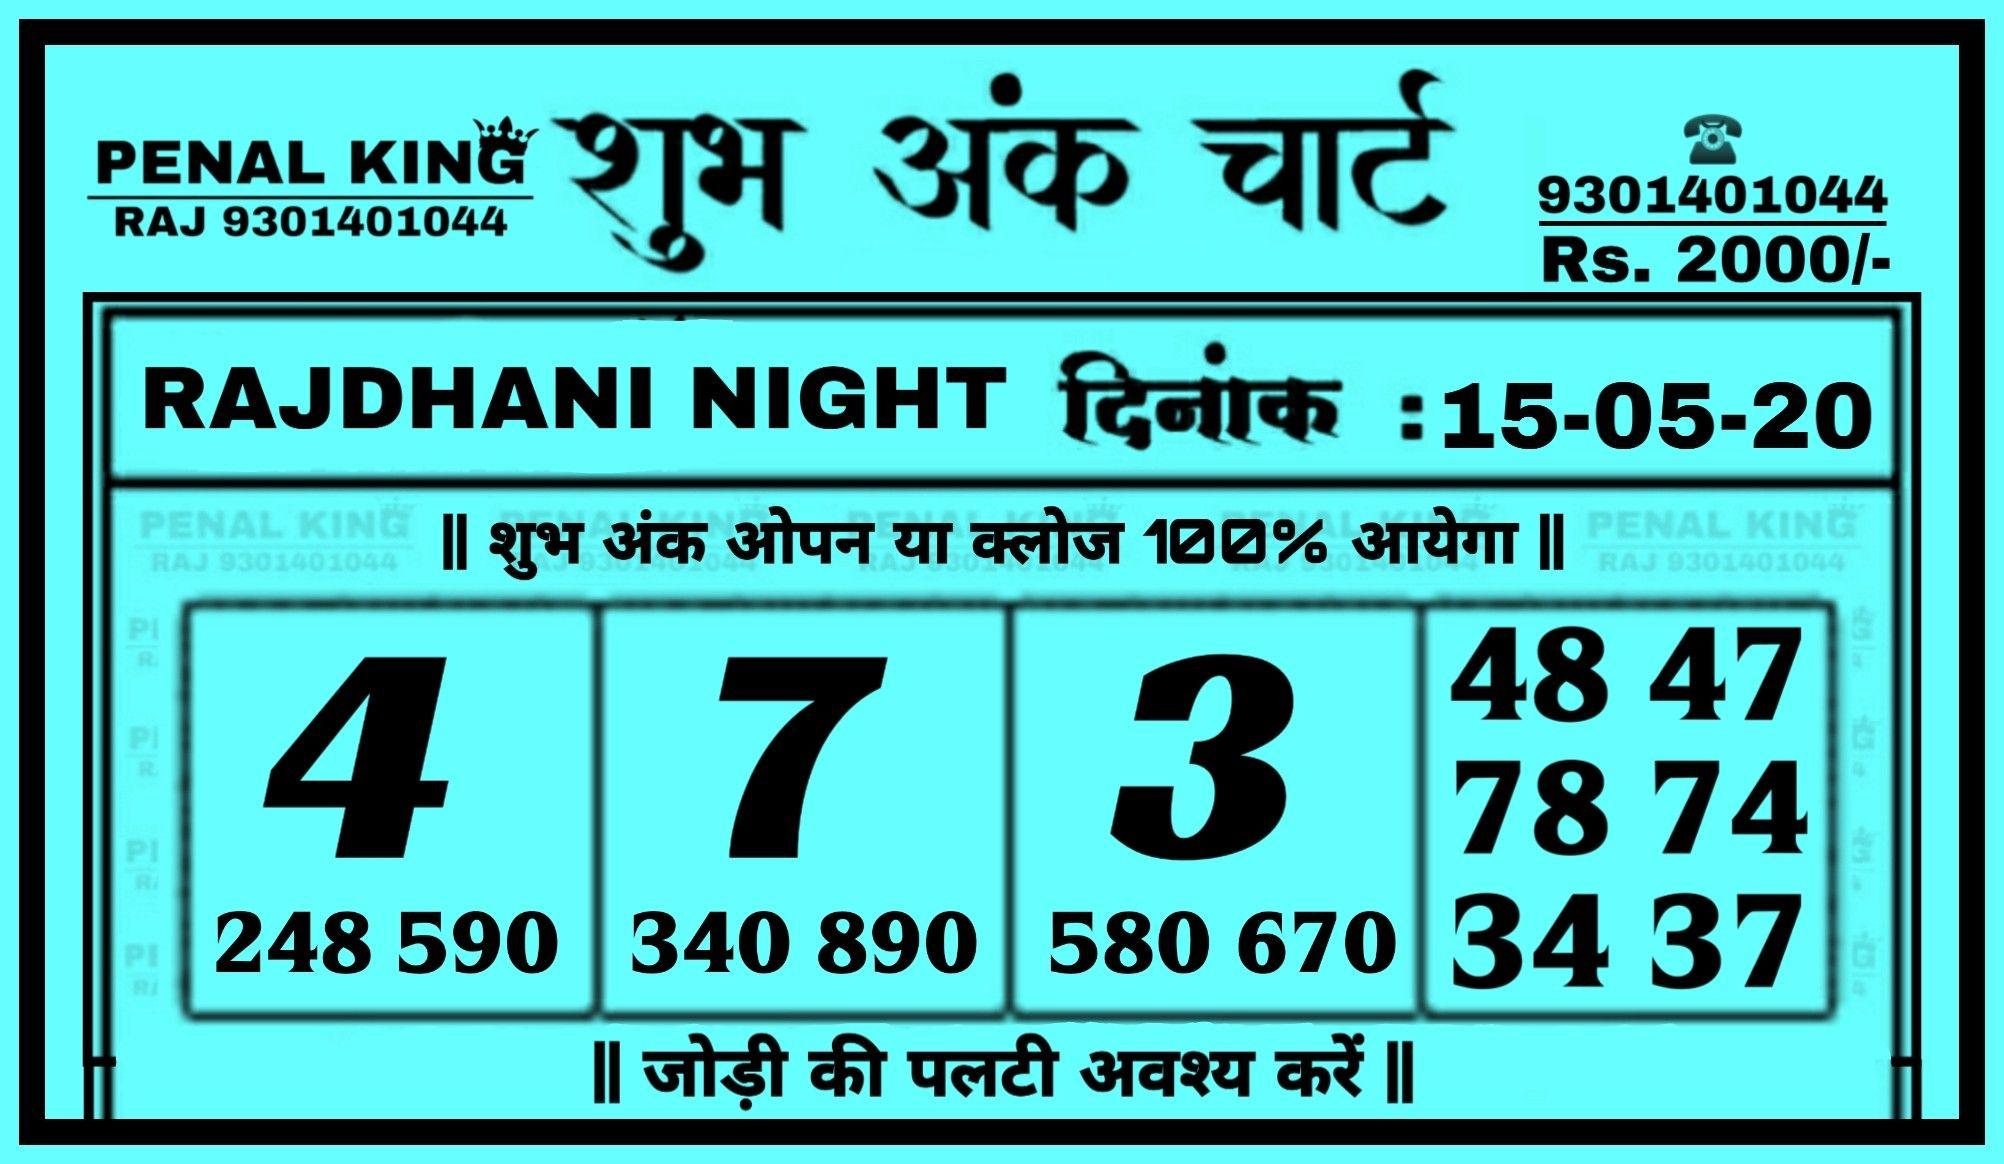 Rajdhani Night 15 05 2020 Subh Ank Chart Free Kalyan Chart Kalyan Tips Touch math single digit addition